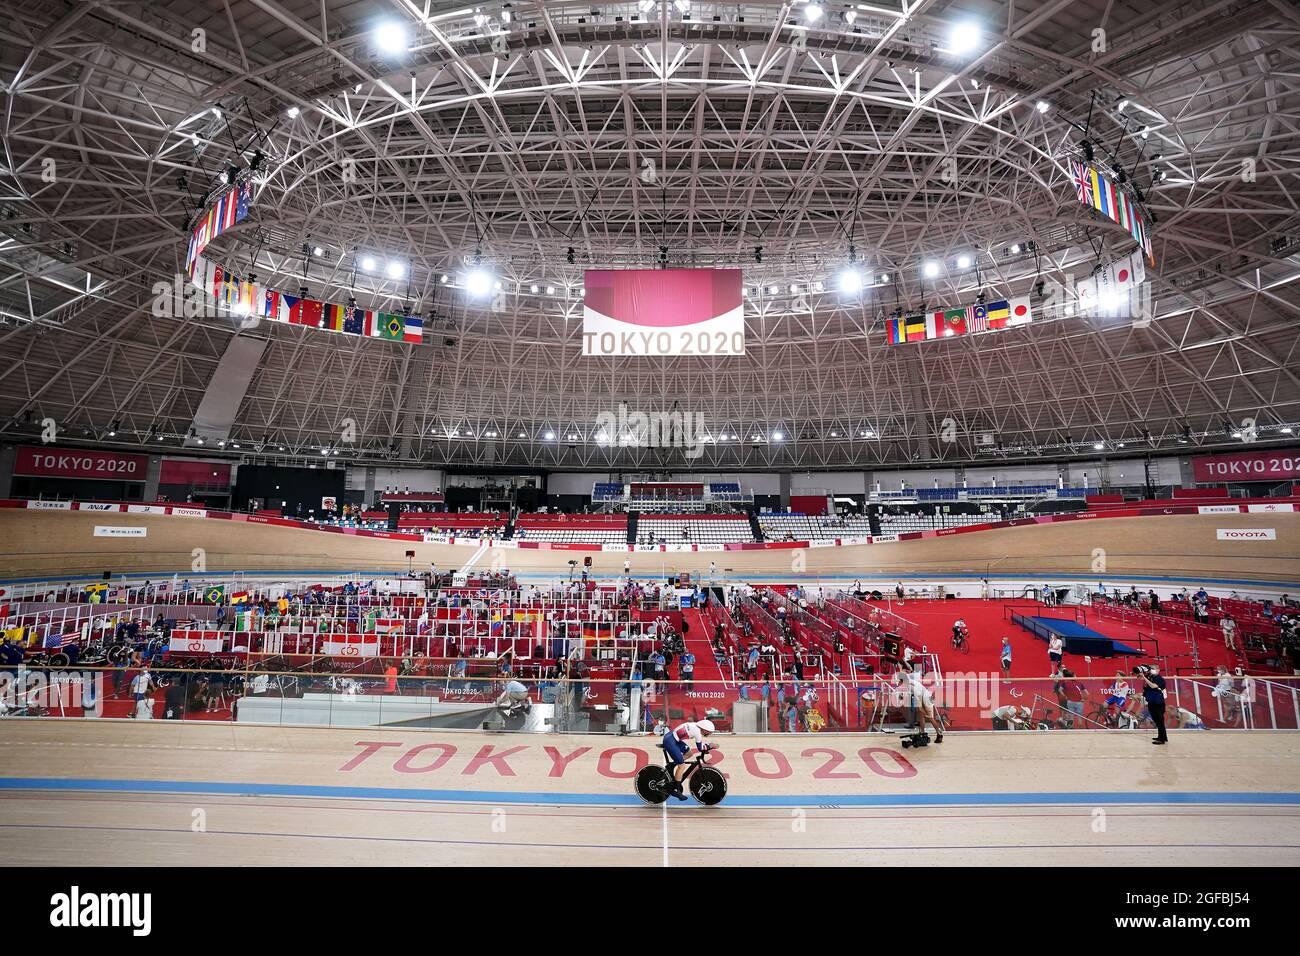 Die britische Dame Sarah Story in Aktion im Einzel-Qualifying C5 über 3000 m für Frauen während des Track Cycling auf dem Izu Velodrome am ersten Tag der Paralympischen Spiele in Tokio 2020 in Japan. Bilddatum: Mittwoch, 25. August 2021. Stockfoto